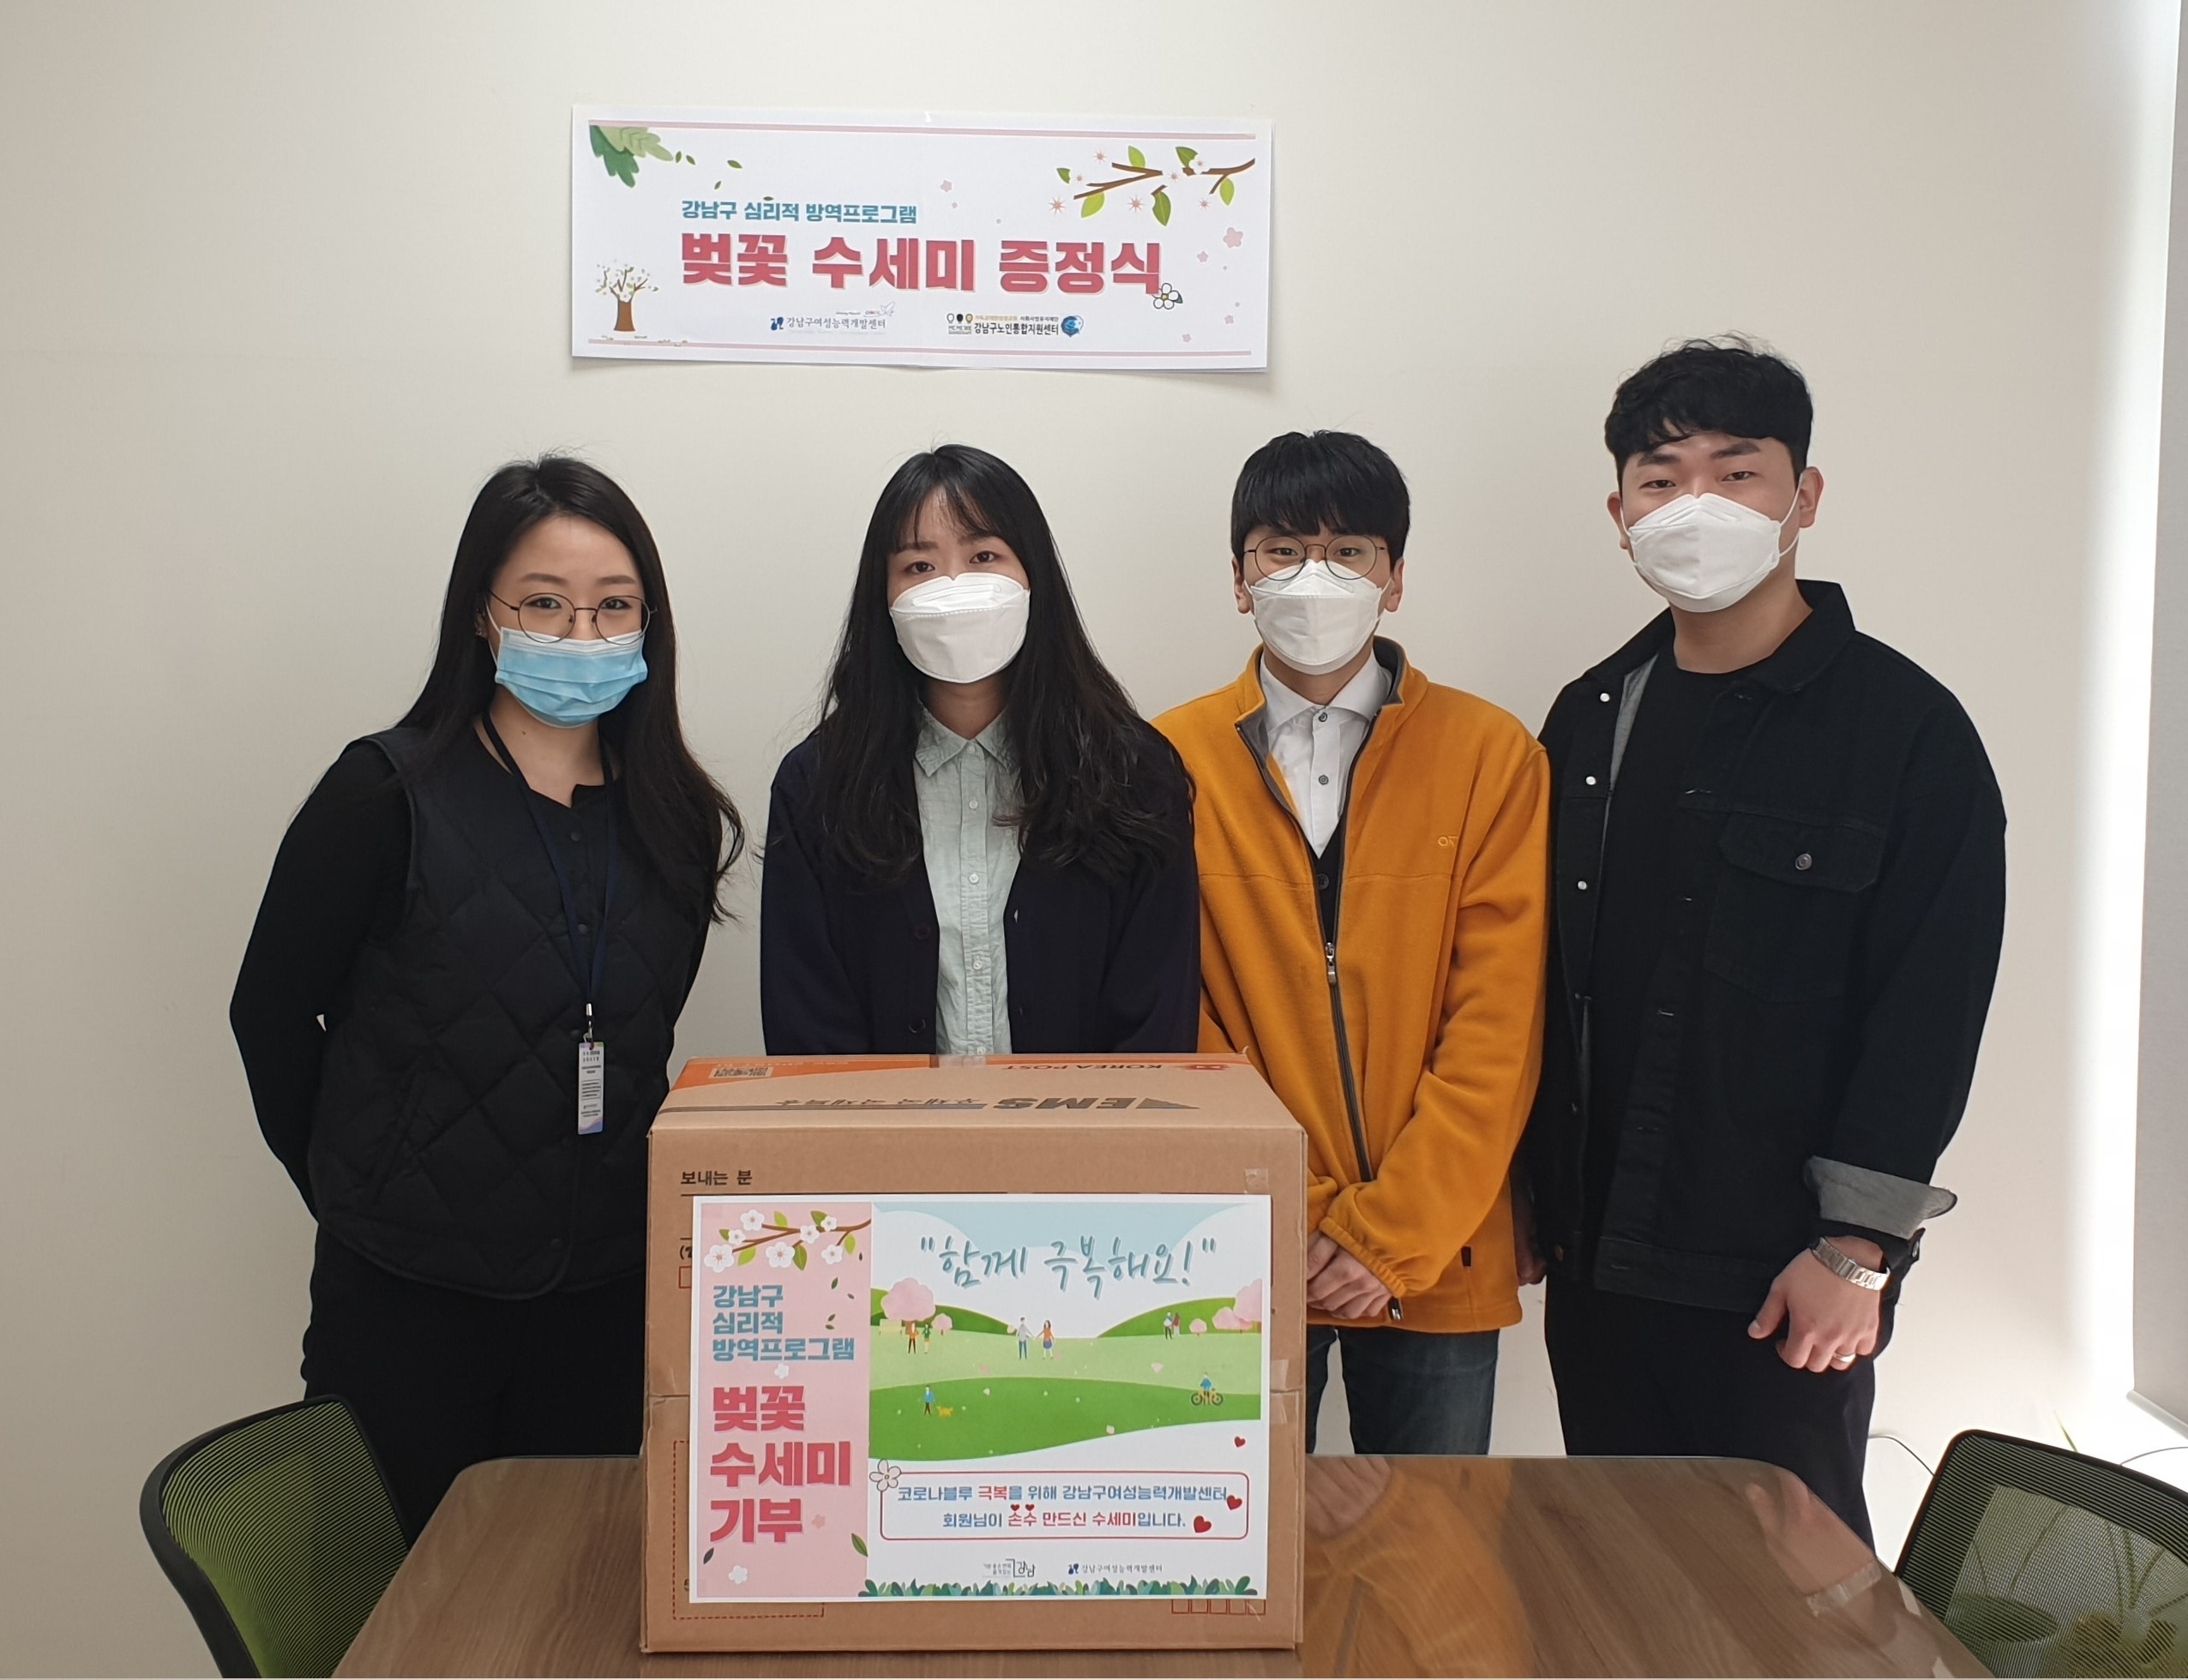 강남구 심리적 방역 프로그램  -벚꽃 수세미 기부-